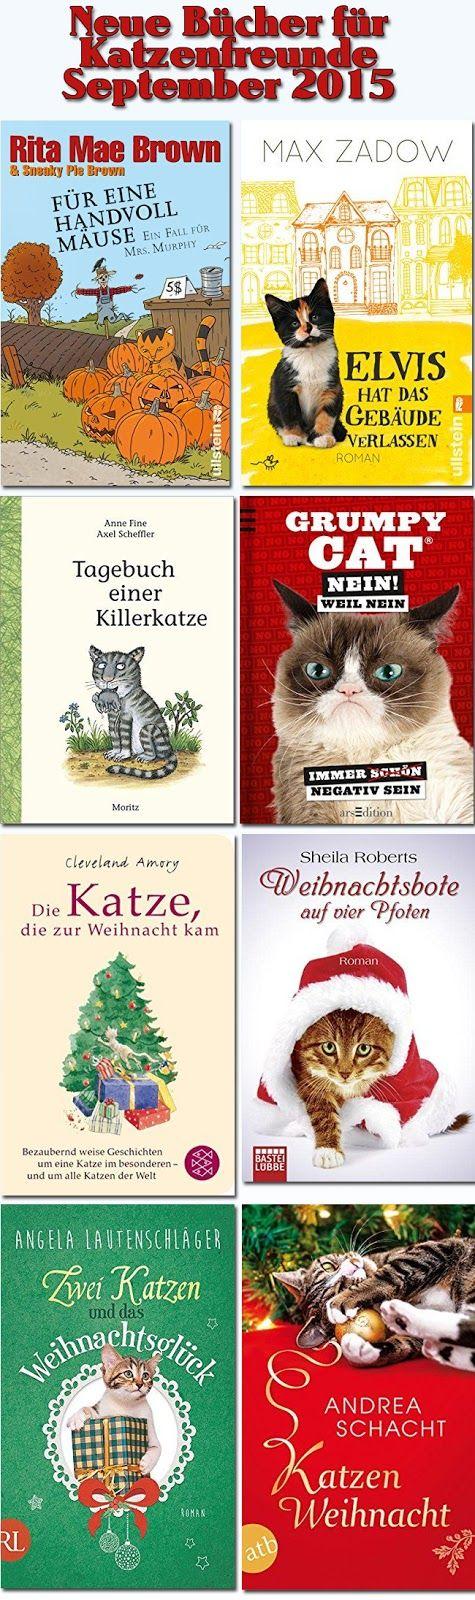 Katzenbücher, Erscheinungstermin September 2015. Ein neuer Katzenroman von Rita Mae Brown, Grumpy Cat-Merchandise und die ersten Weihnachtsbücher